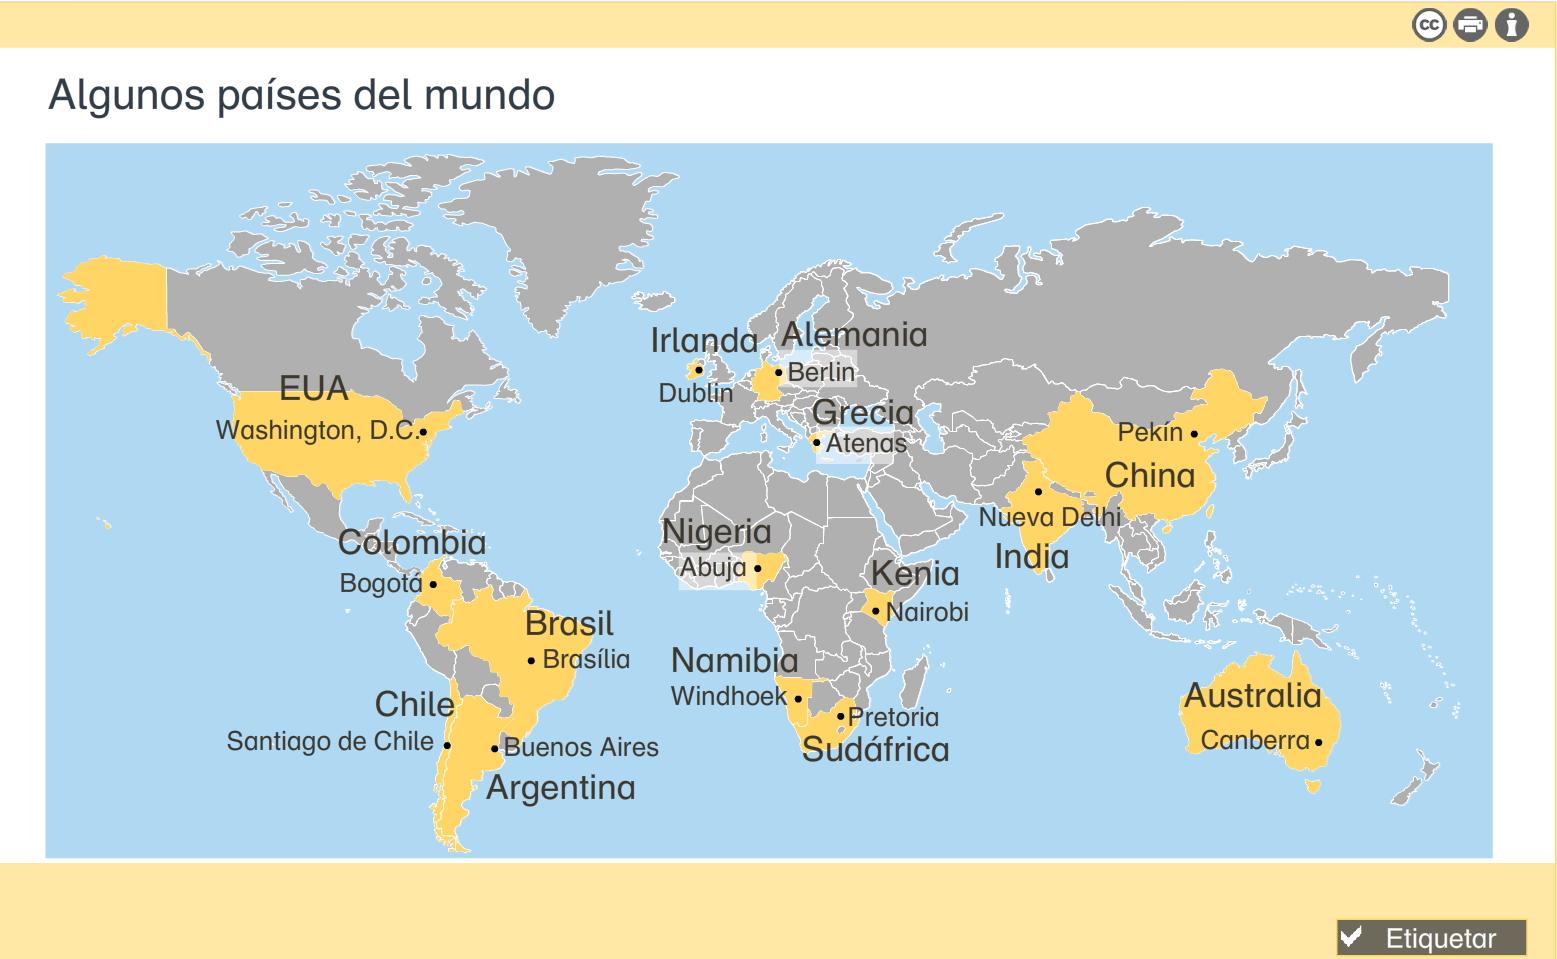 Algunos países del mundo. Gráfico interactivo